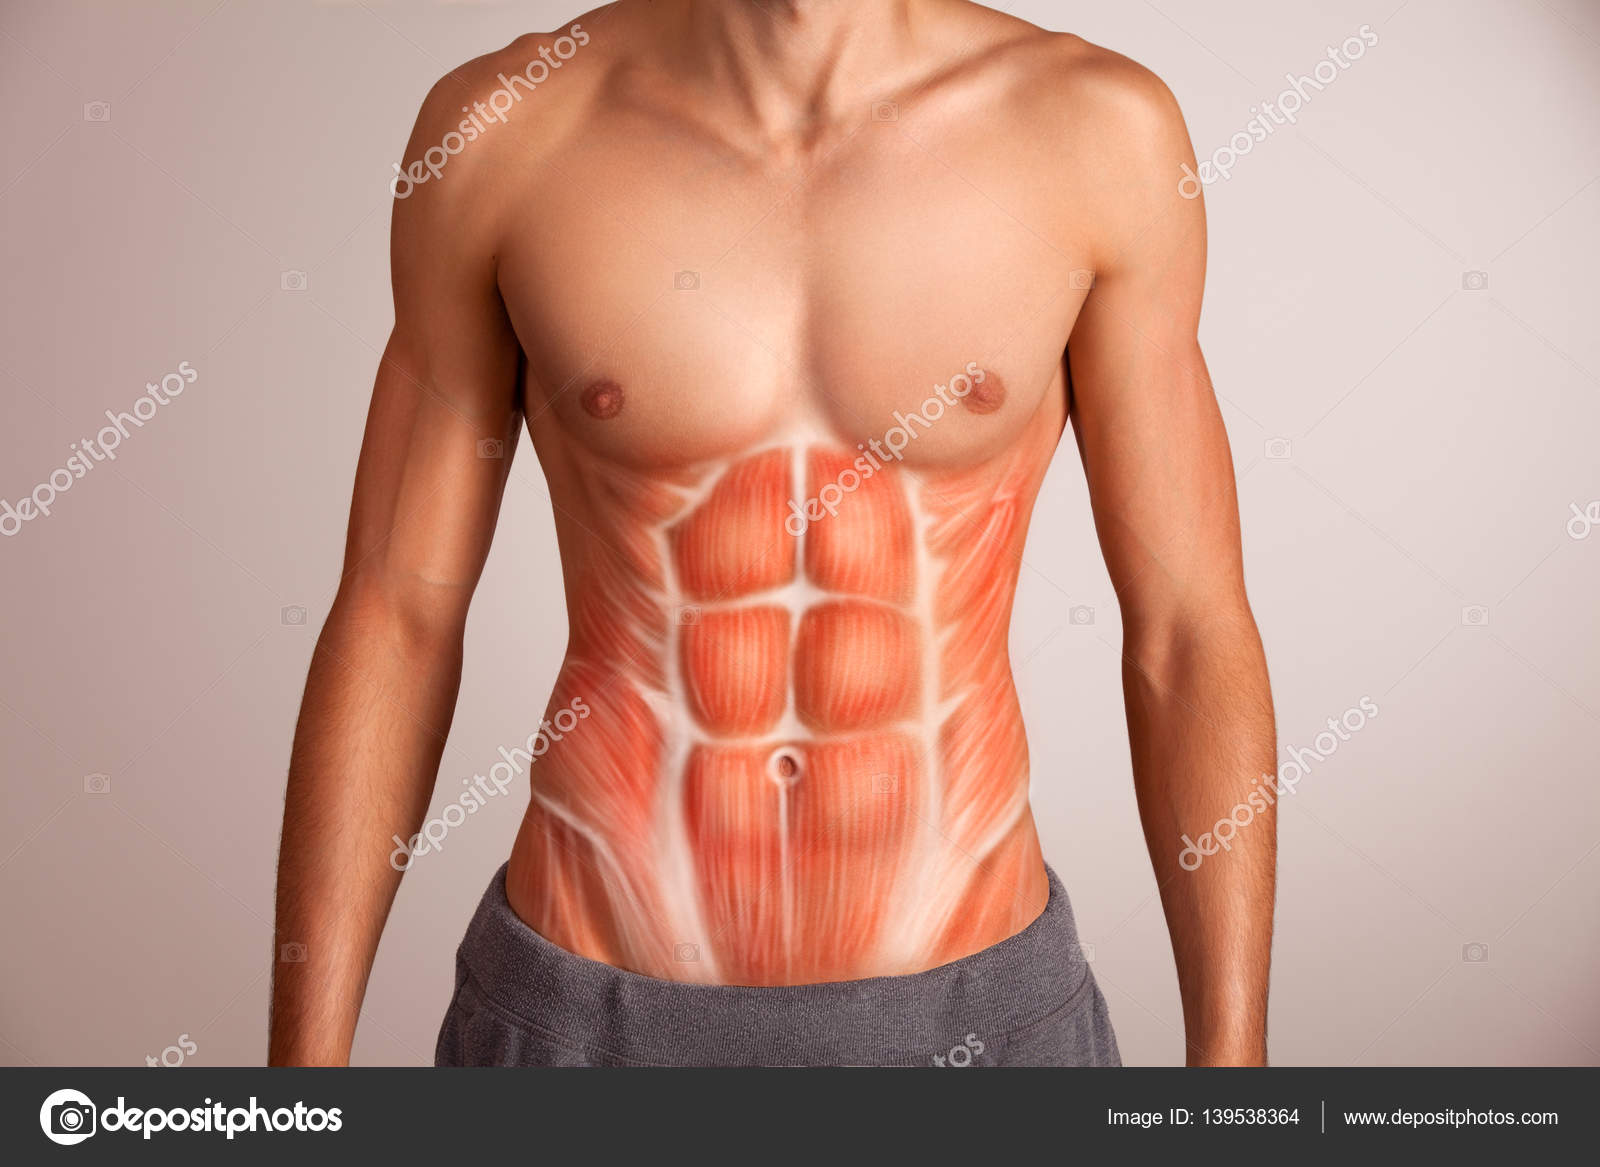 Menschlichen Bauchmuskel — Stockfoto © artstudio_pro #139538364